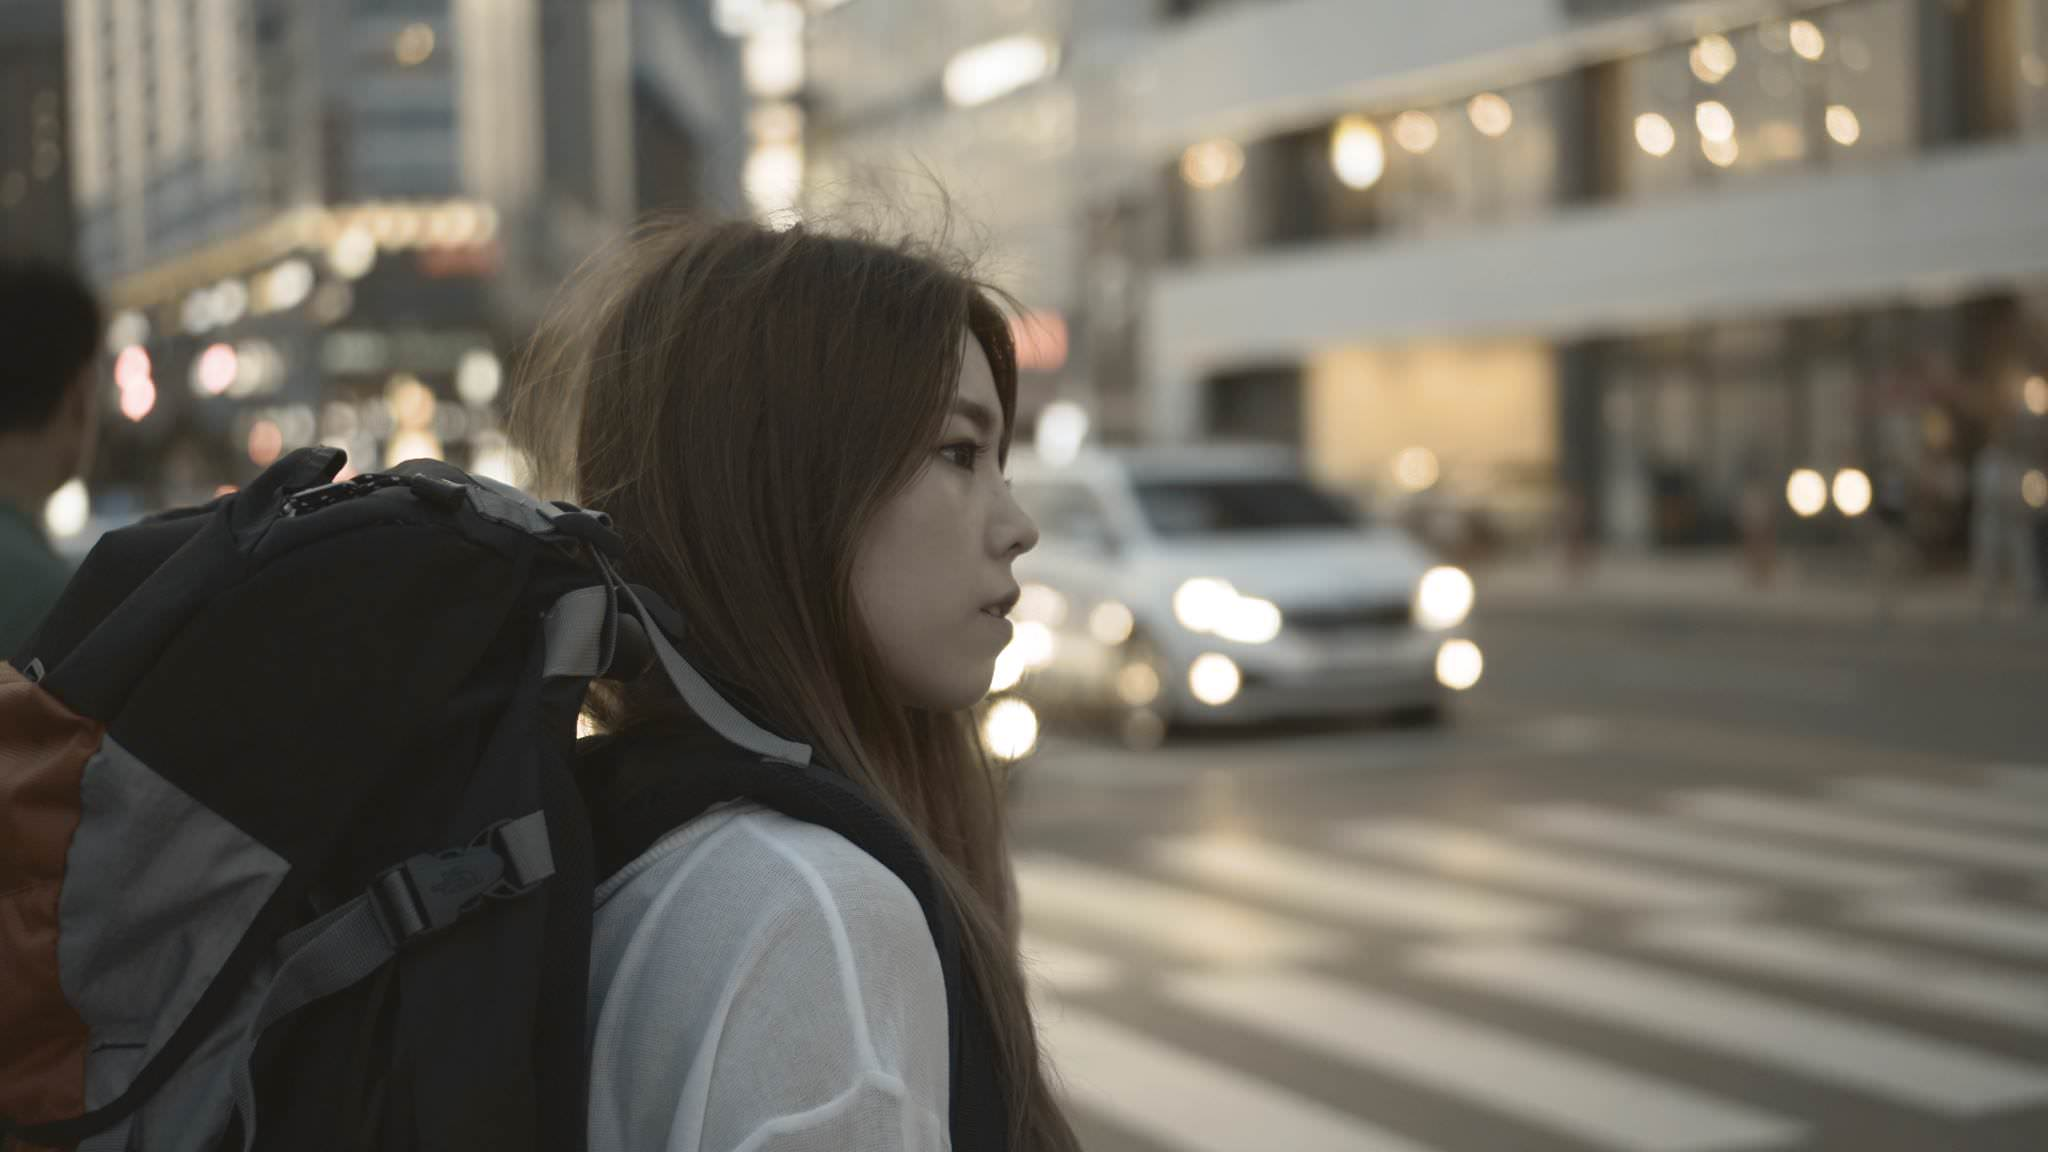 부산여행 영상 콘텐츠 촬영후기 - 축구소녀 여행자...